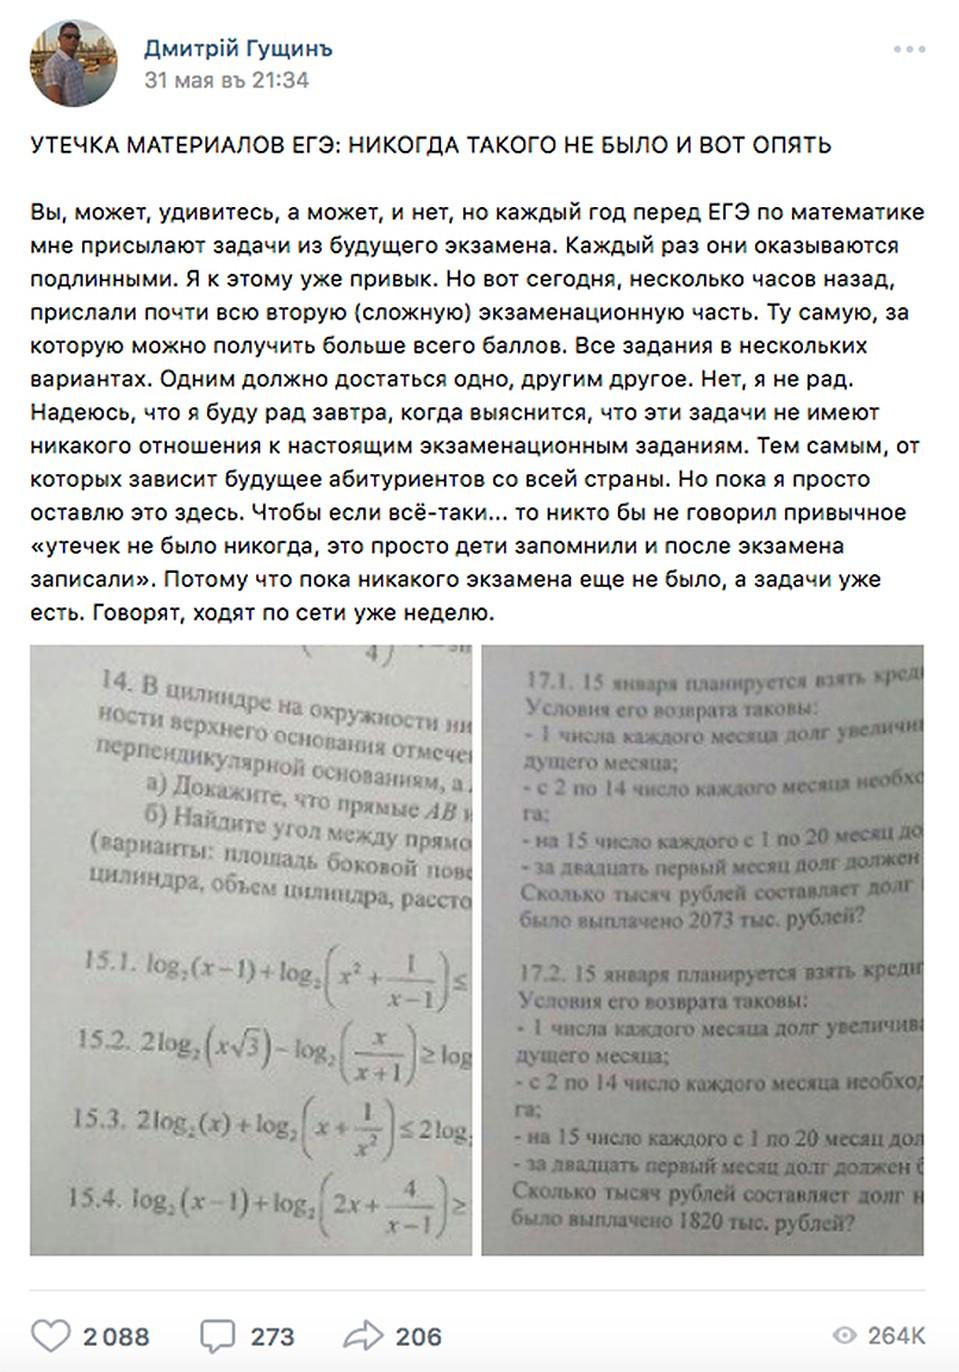 15 января планируется взять кредит в банке на 6 месяцев 1 млн рублей условия его возврата таковы